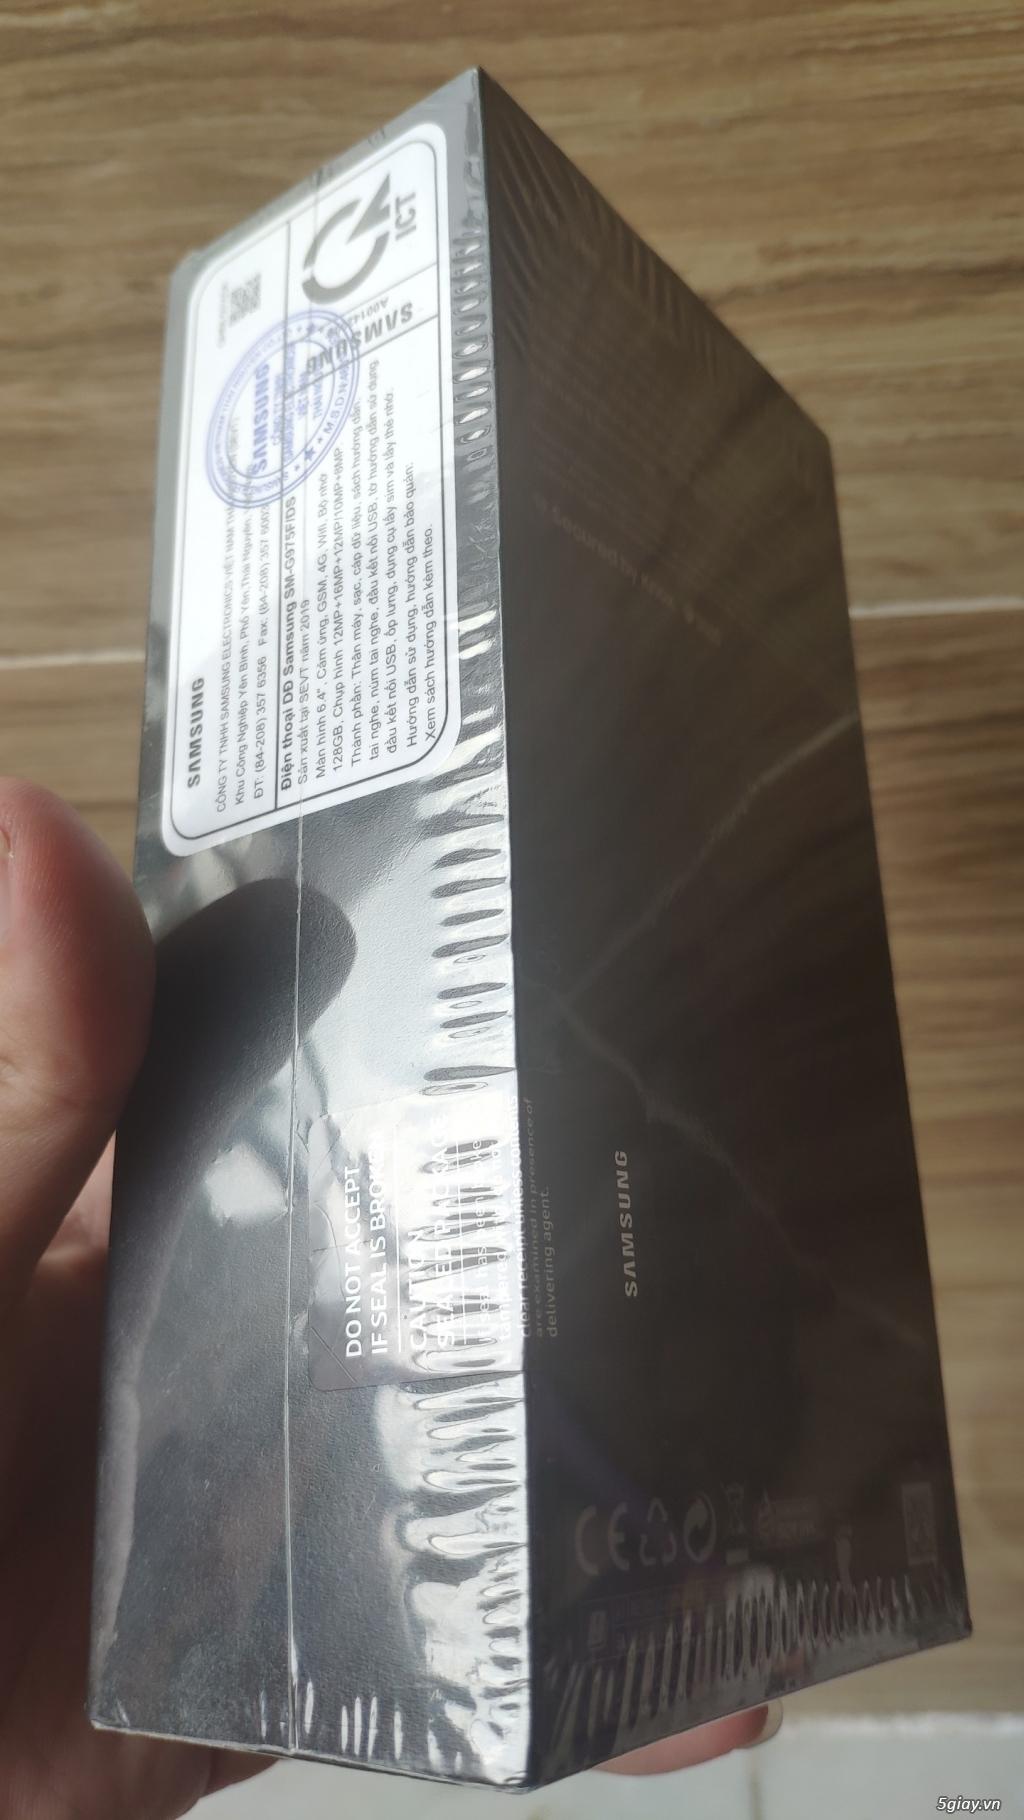 Galaxy S10 plus - prism white - 128gb chính hãng - fullbox nguyên seal - 1